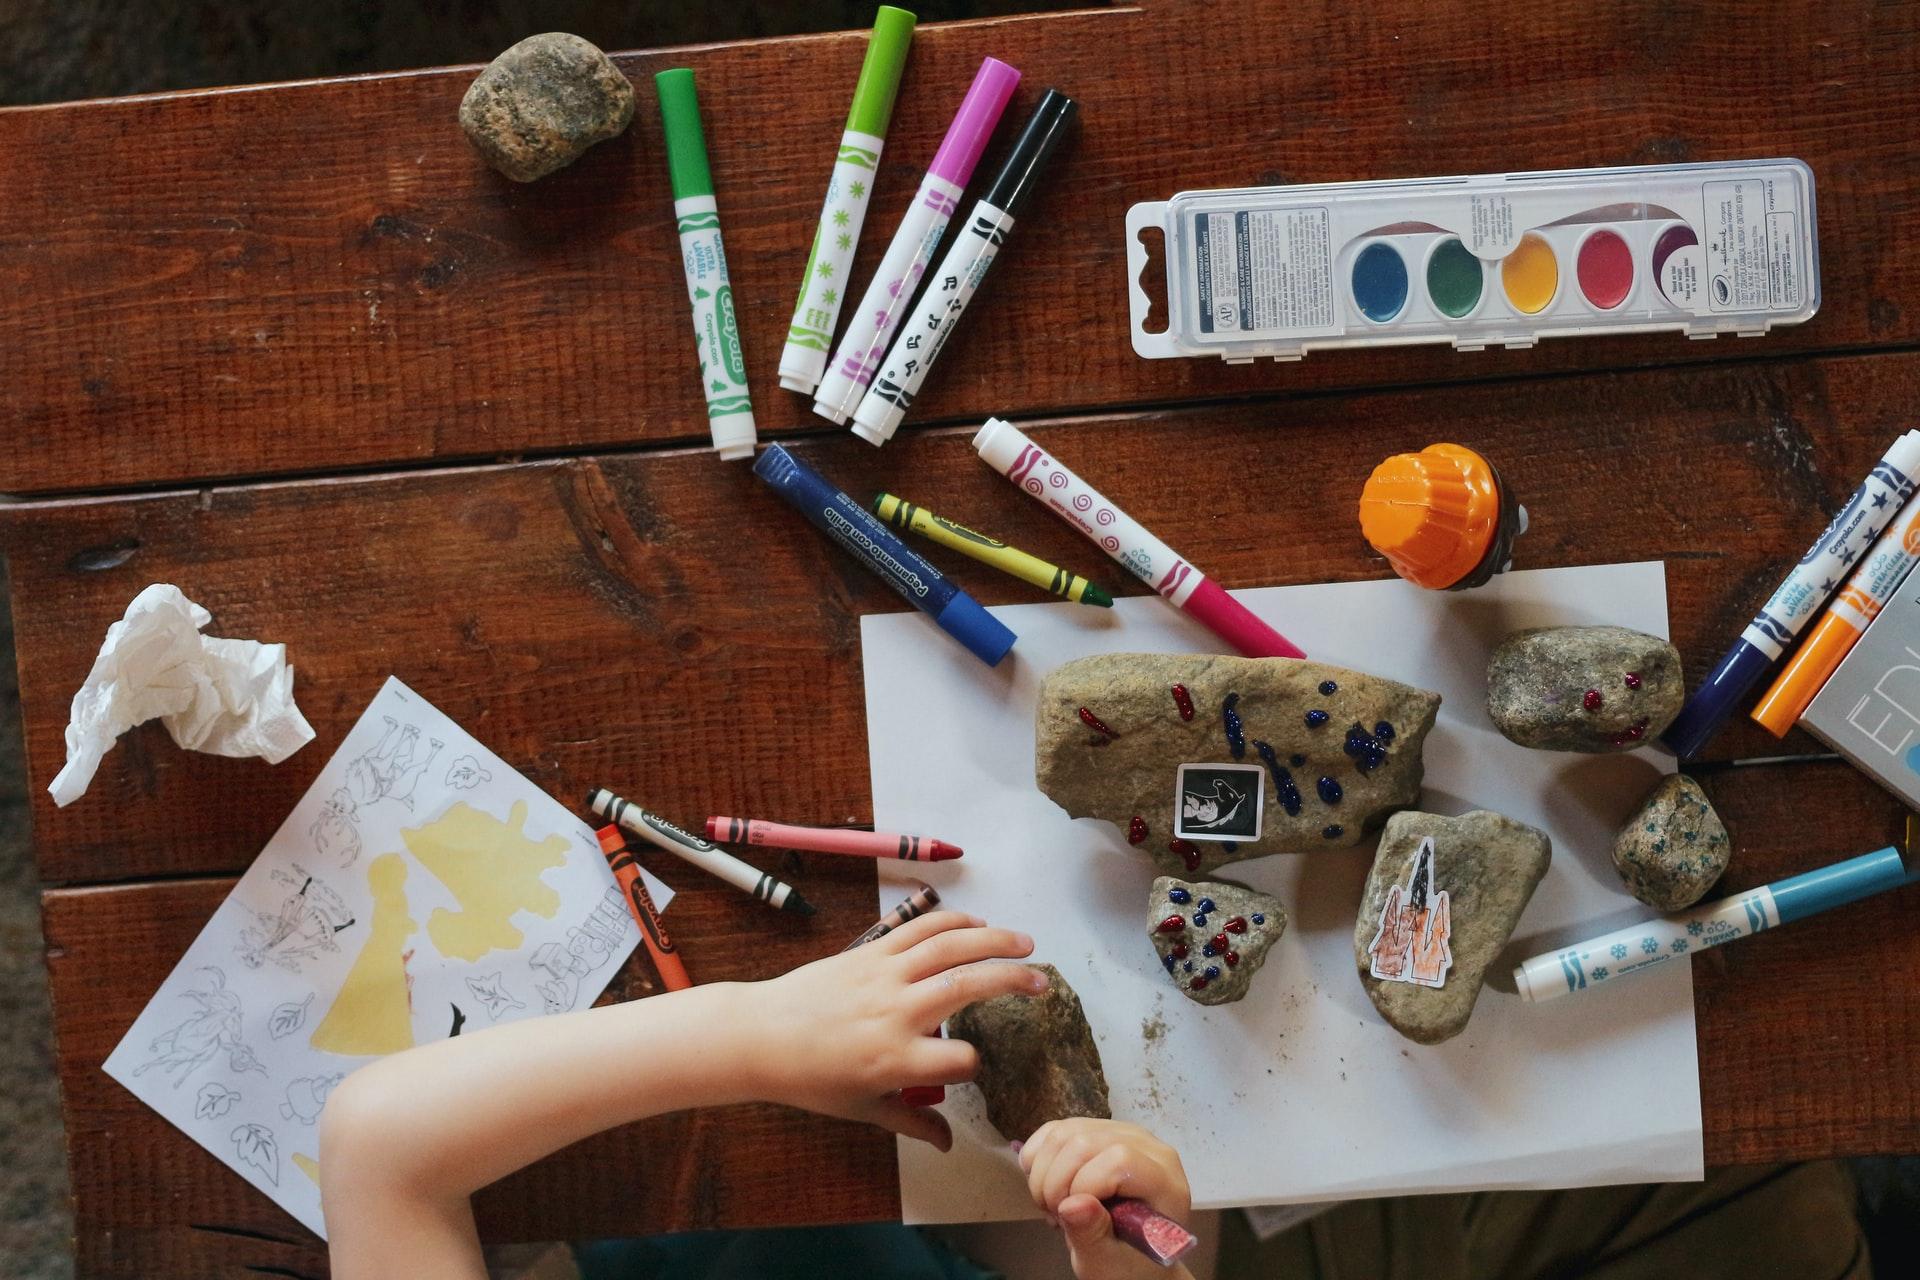 enfant sur une table avec des crayons peinture et cailloux